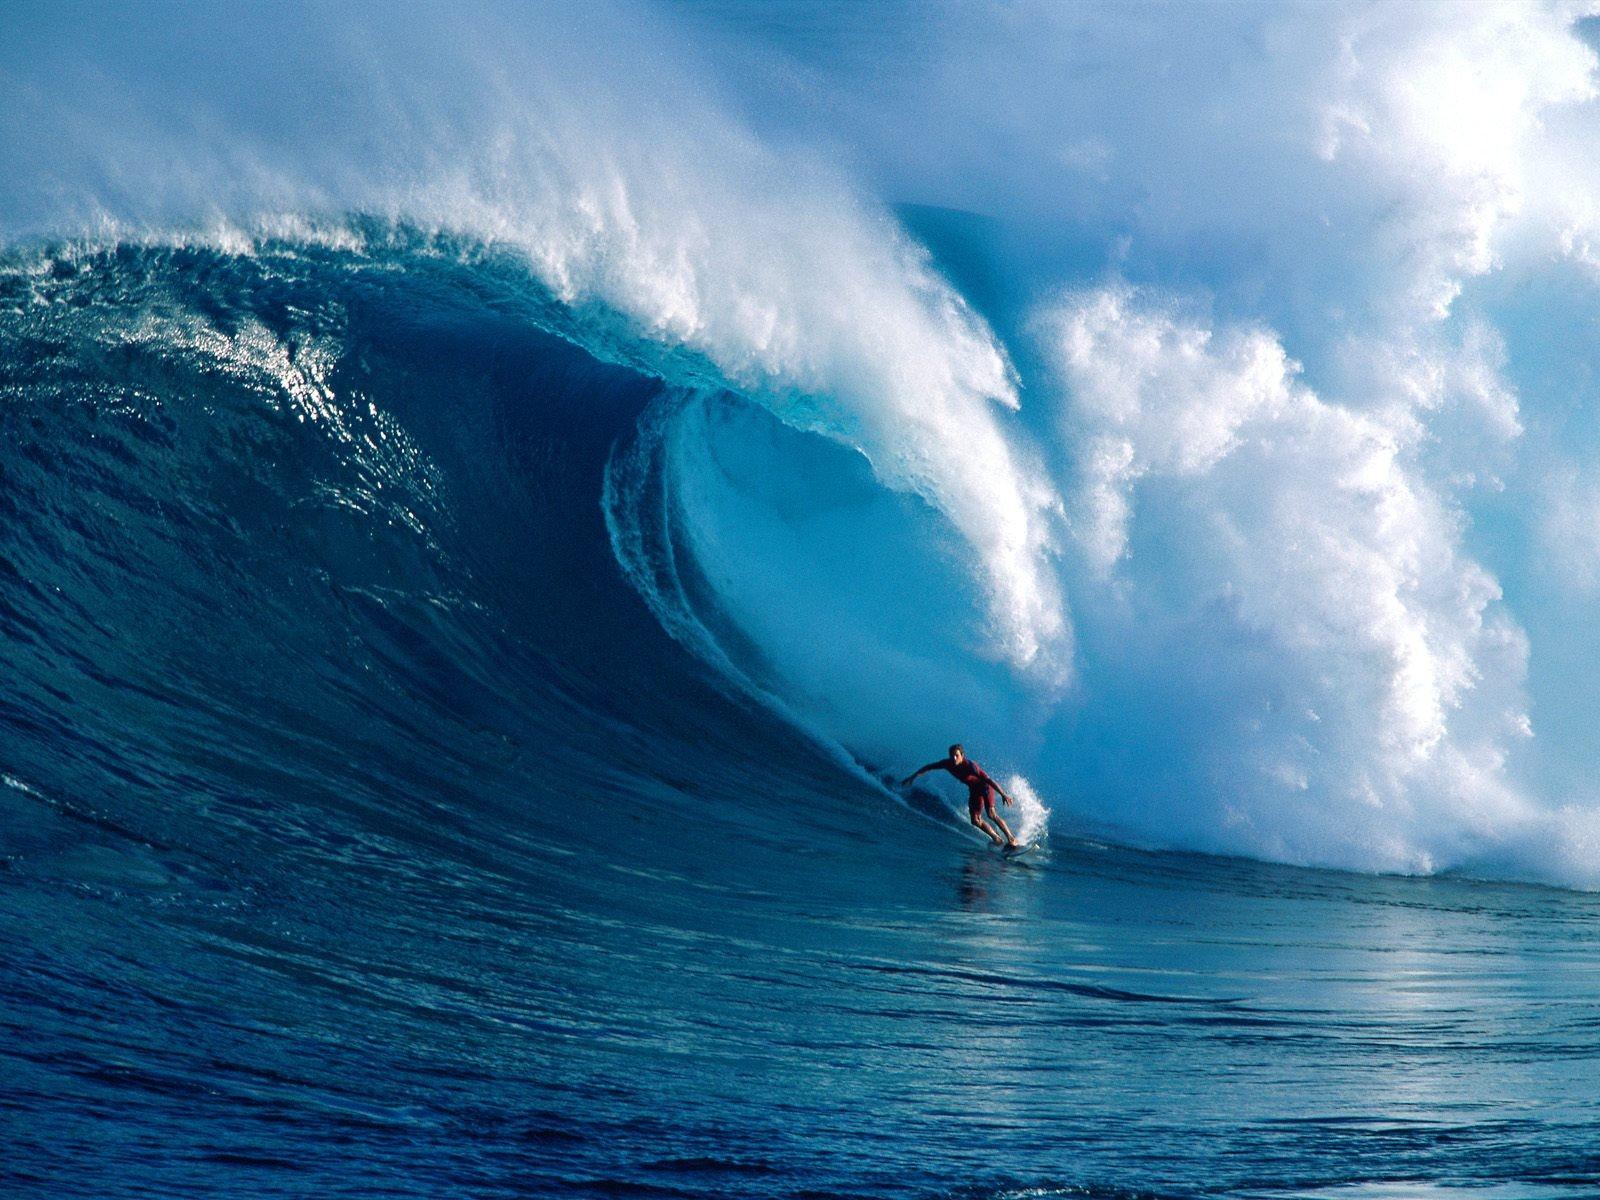 big_wave_surfing_1